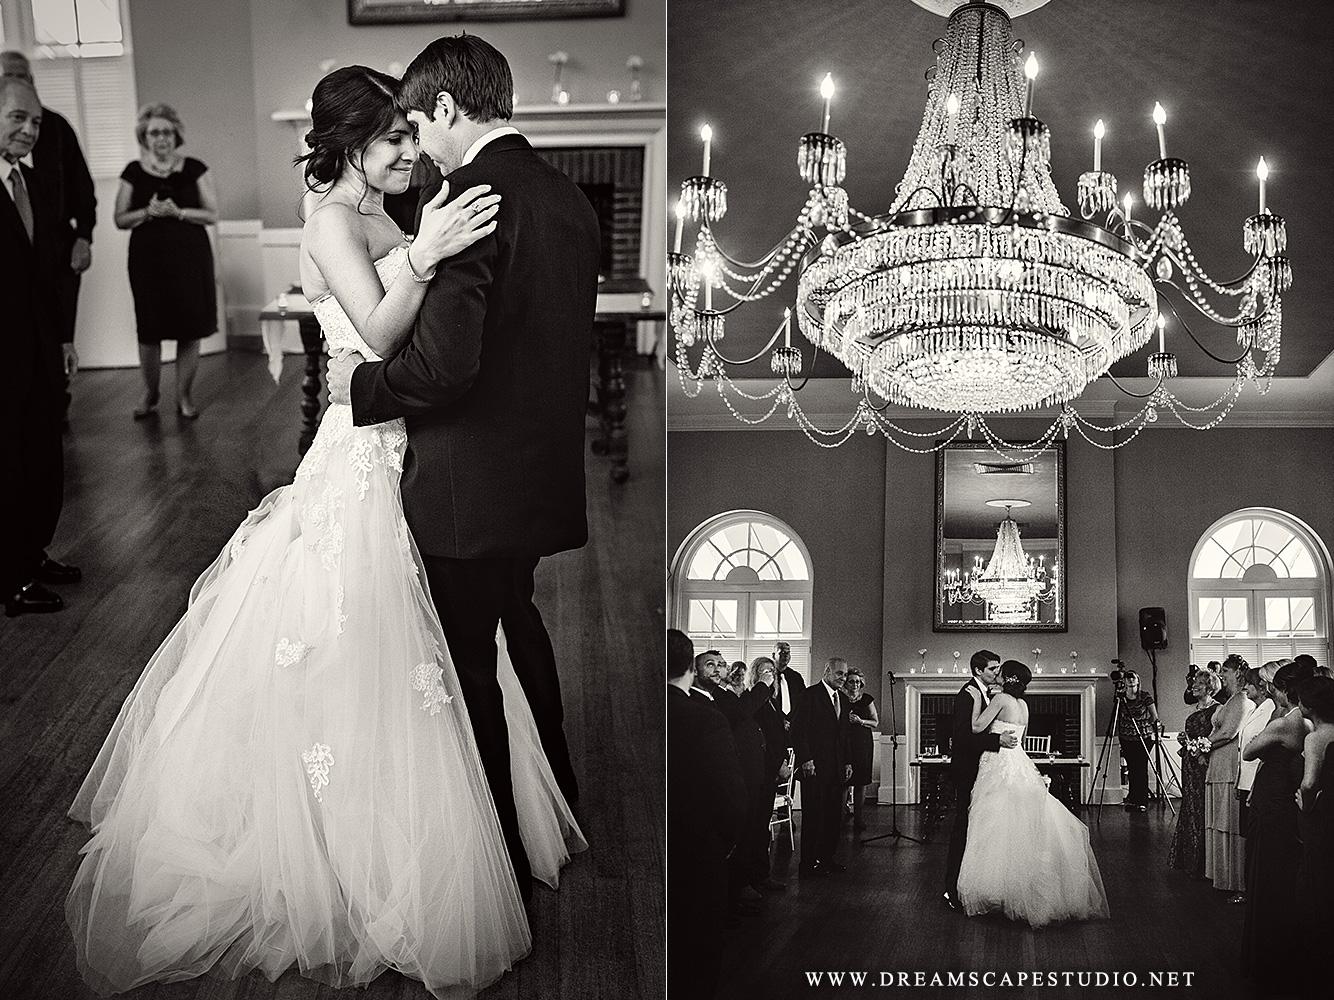 NY_Wedding_Photographer_JeRy_47.jpg